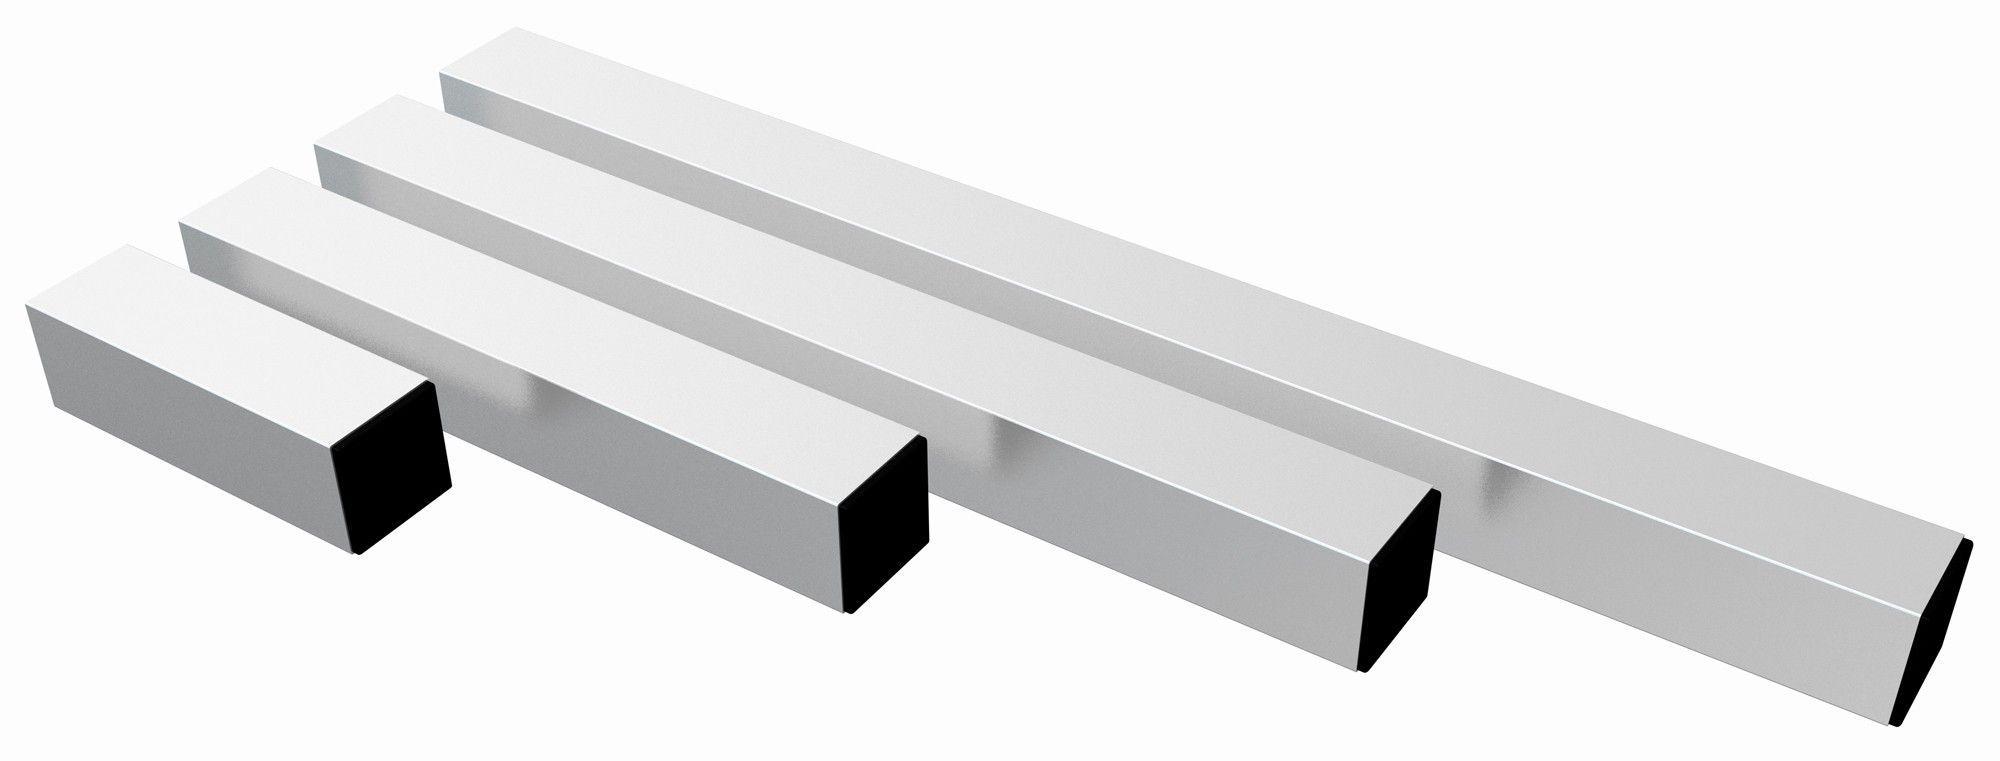 Afbeelding van Power Dynamics Aluminium poten vierkant 60cm (Set van 4 stuks)...